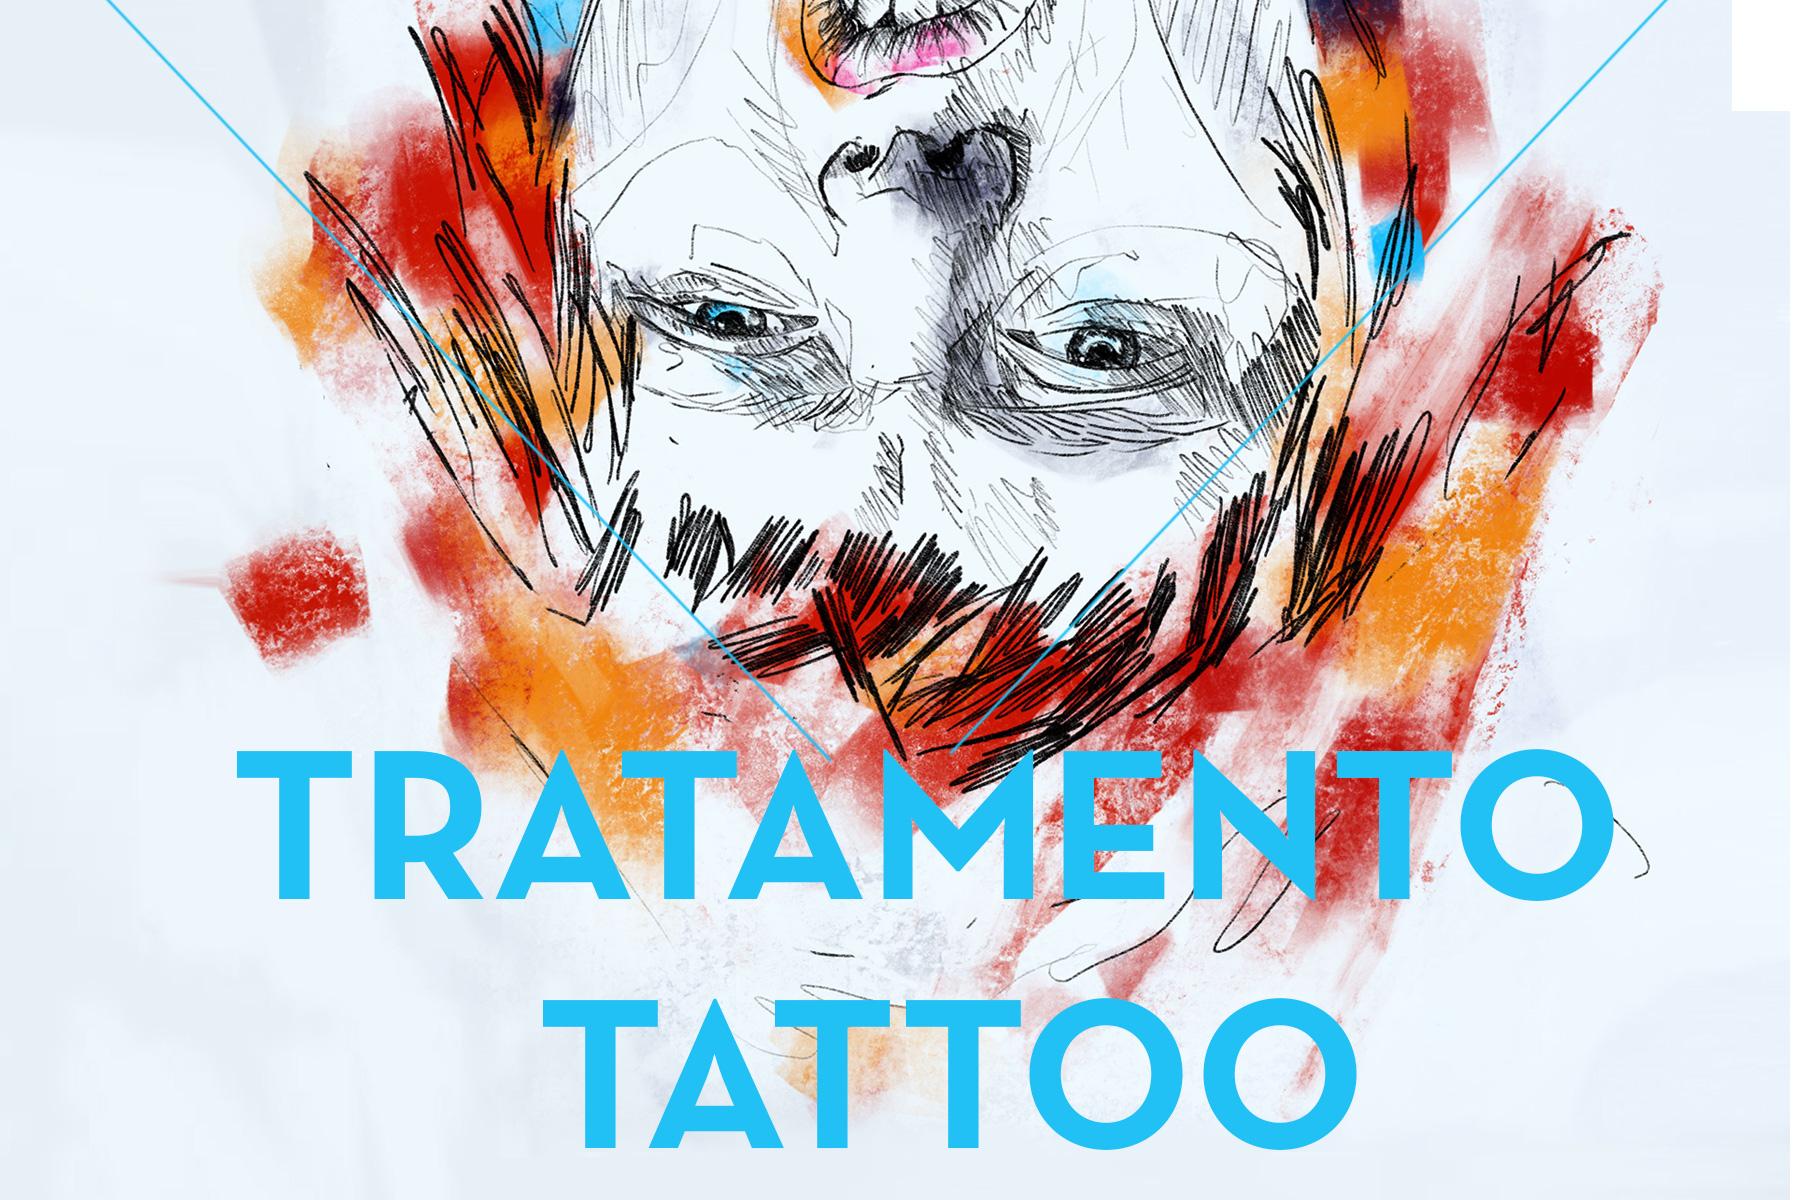 Tratamento de tatuagem